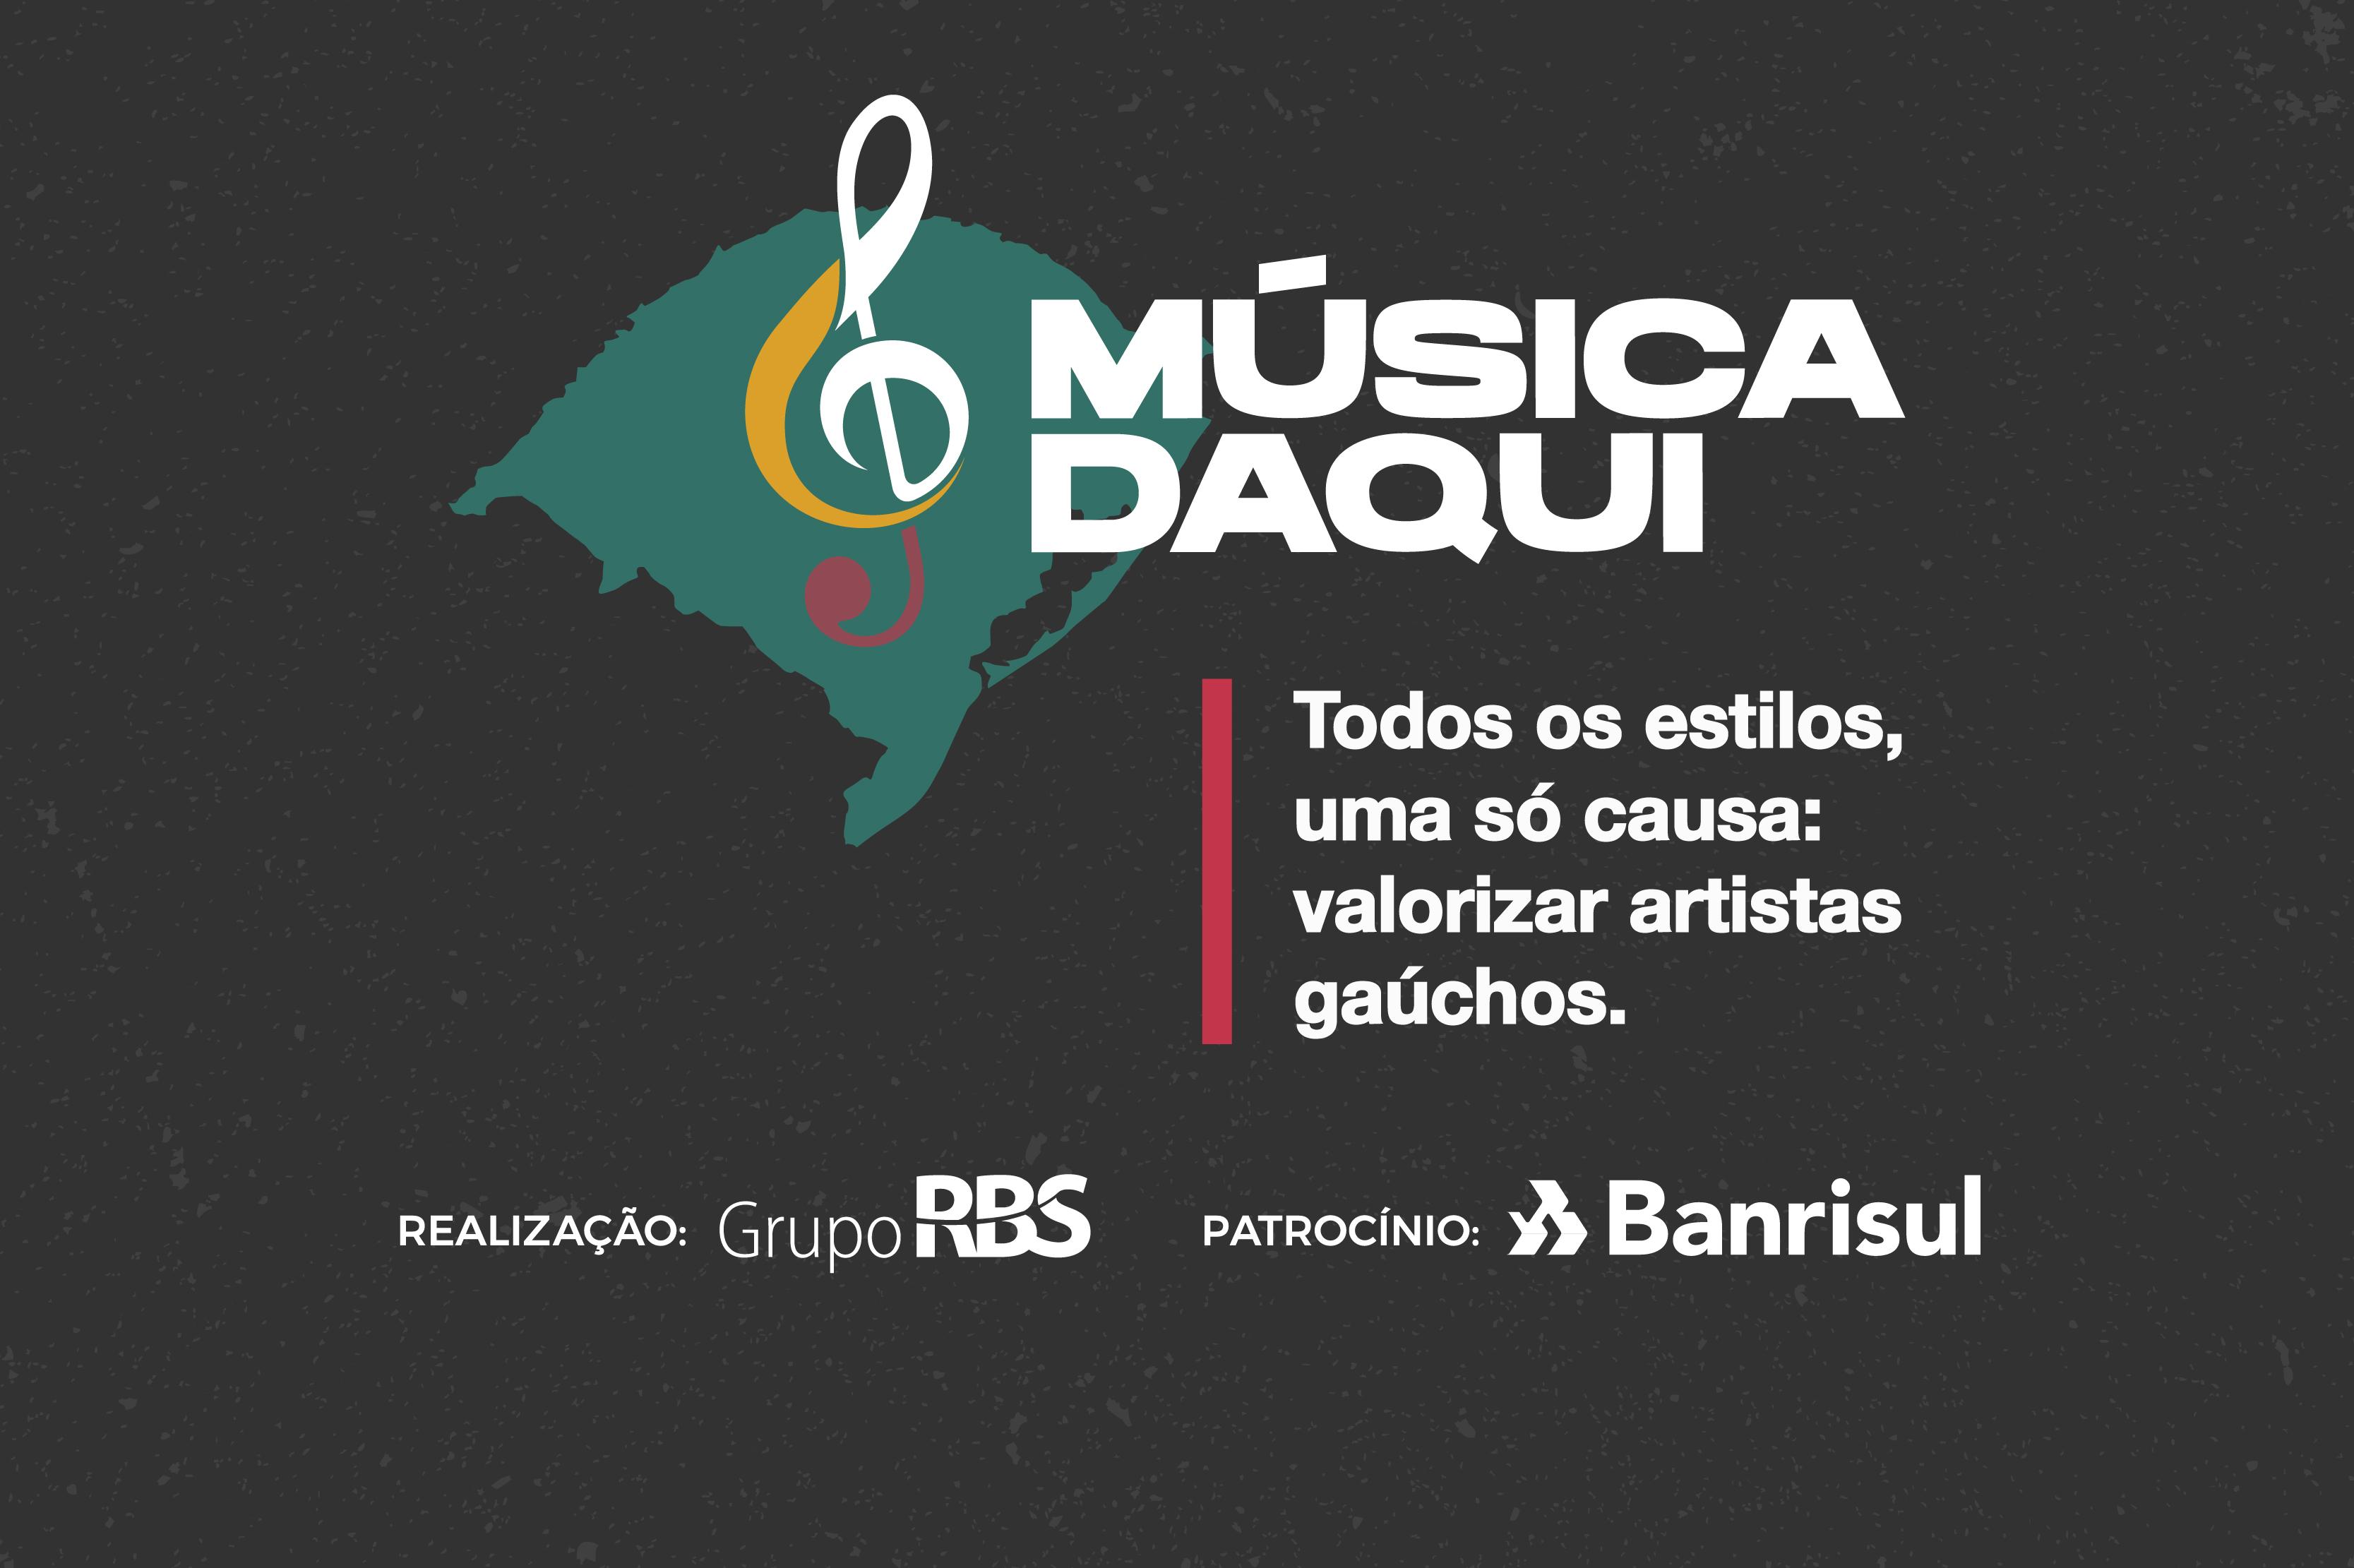 MÚSICA DAQUI: Banrisul apoia a realização de apresentações com músicos gaúchos